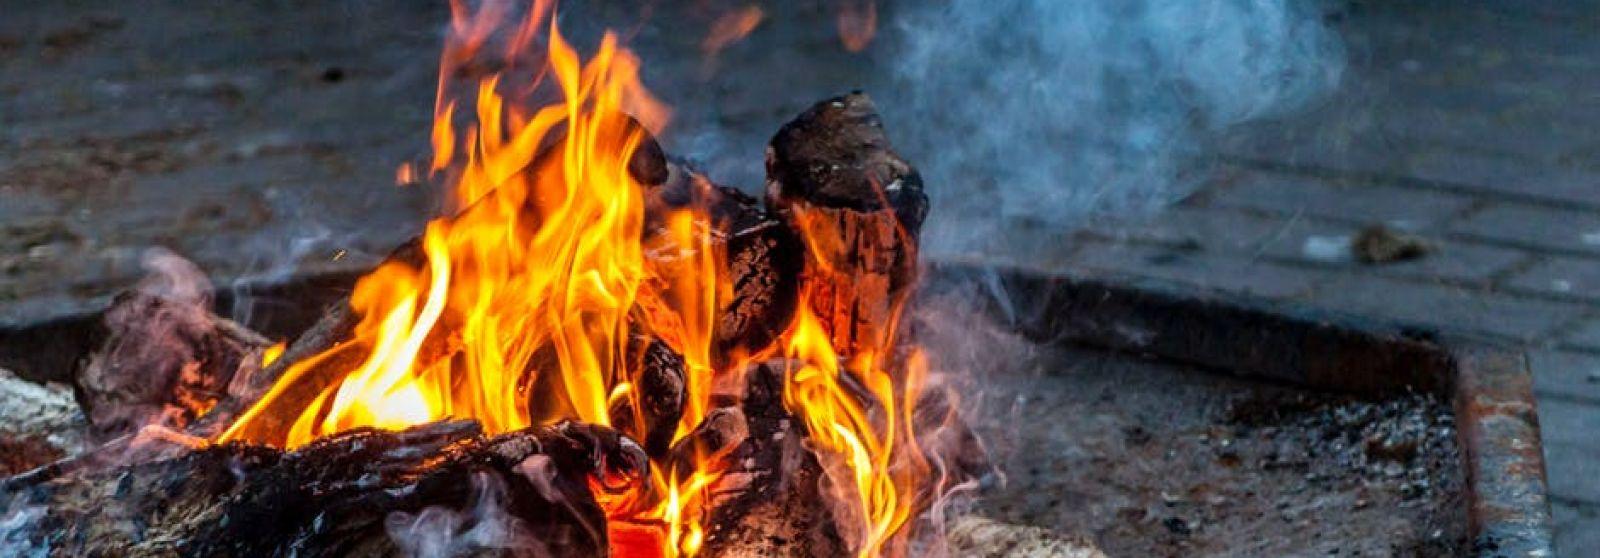 Tips on Fireproofing Your Backyard